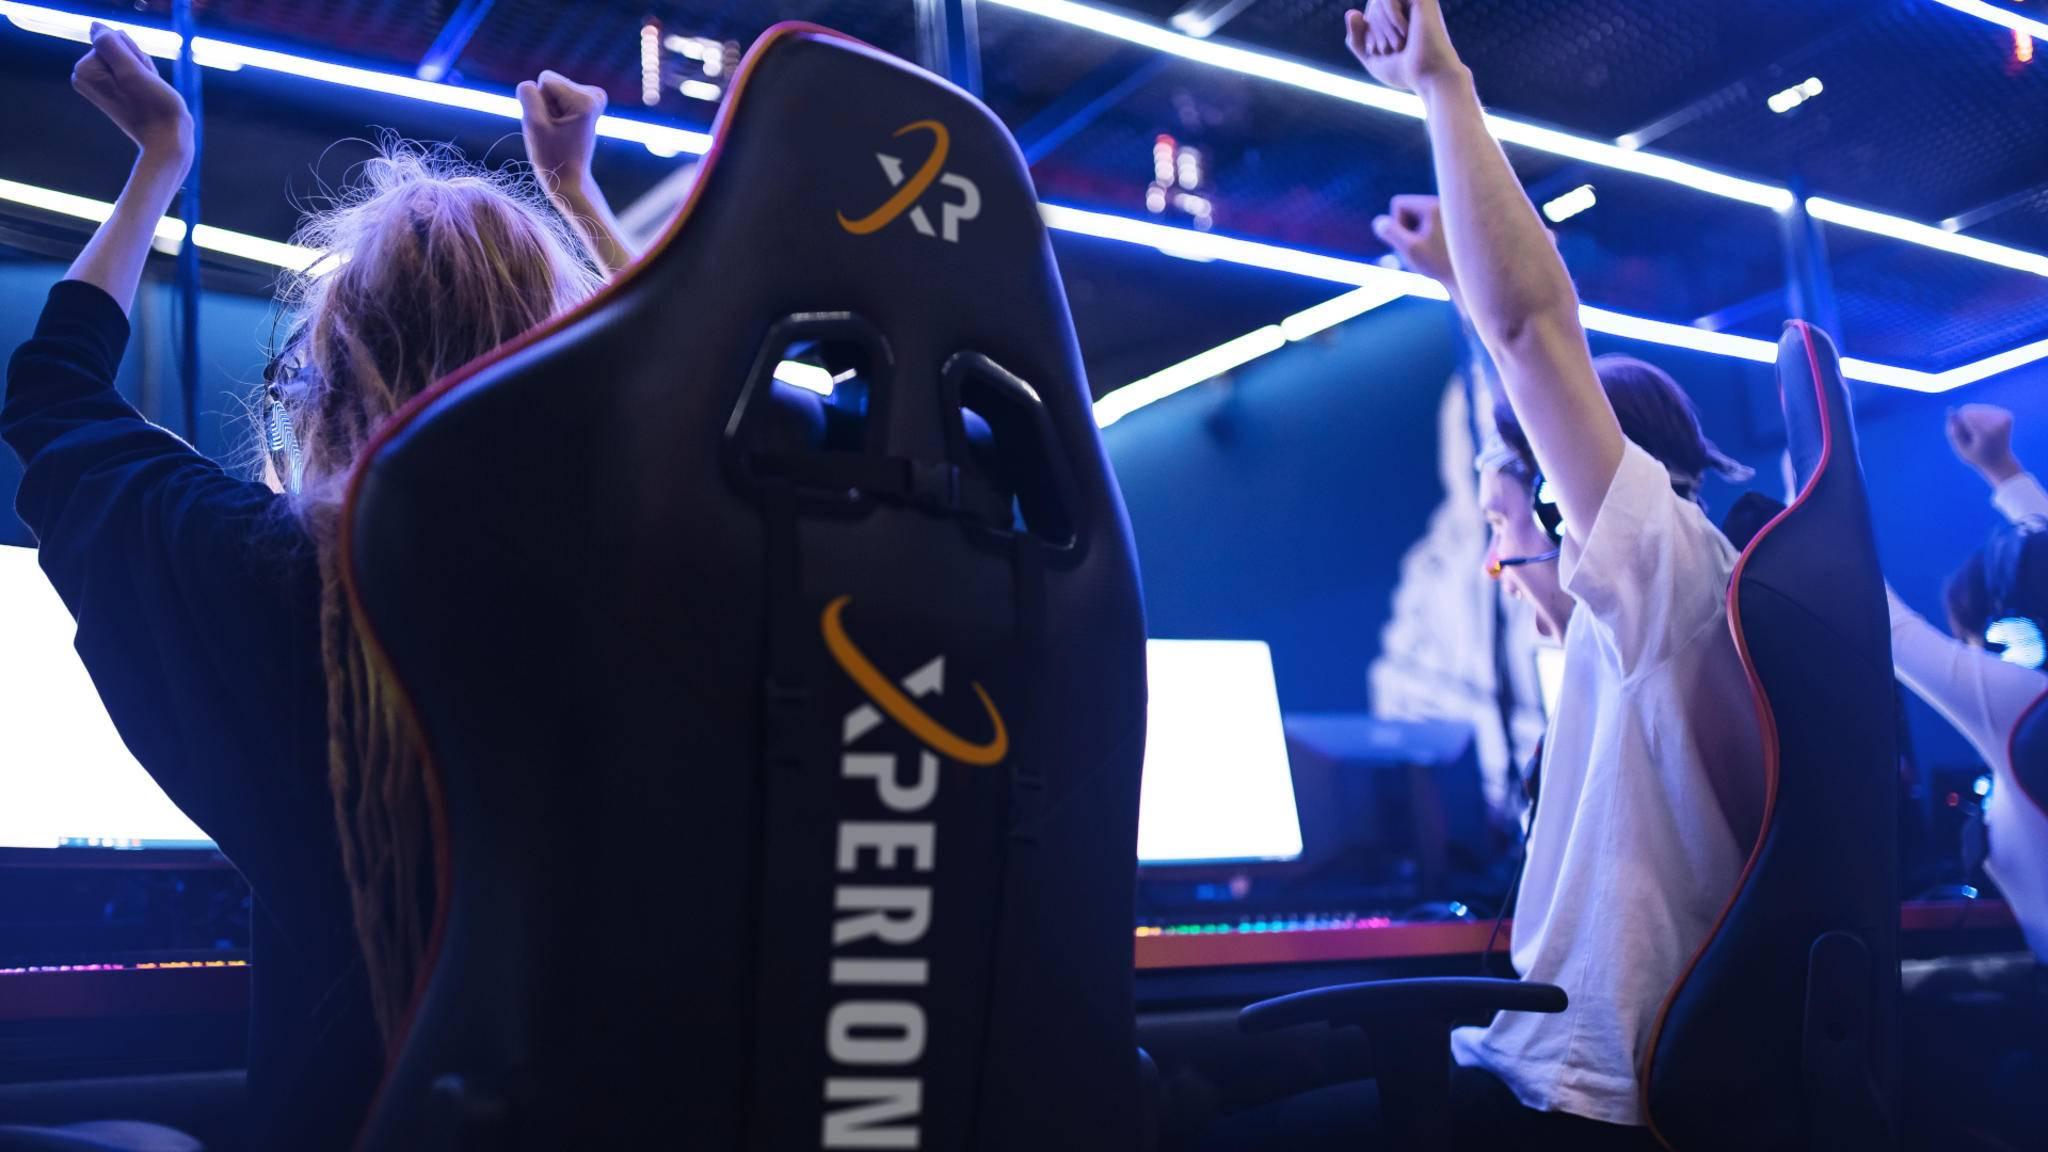 Wir verfolgen die Gamescom drei Tage lang live aus dem XPERION in Köln.